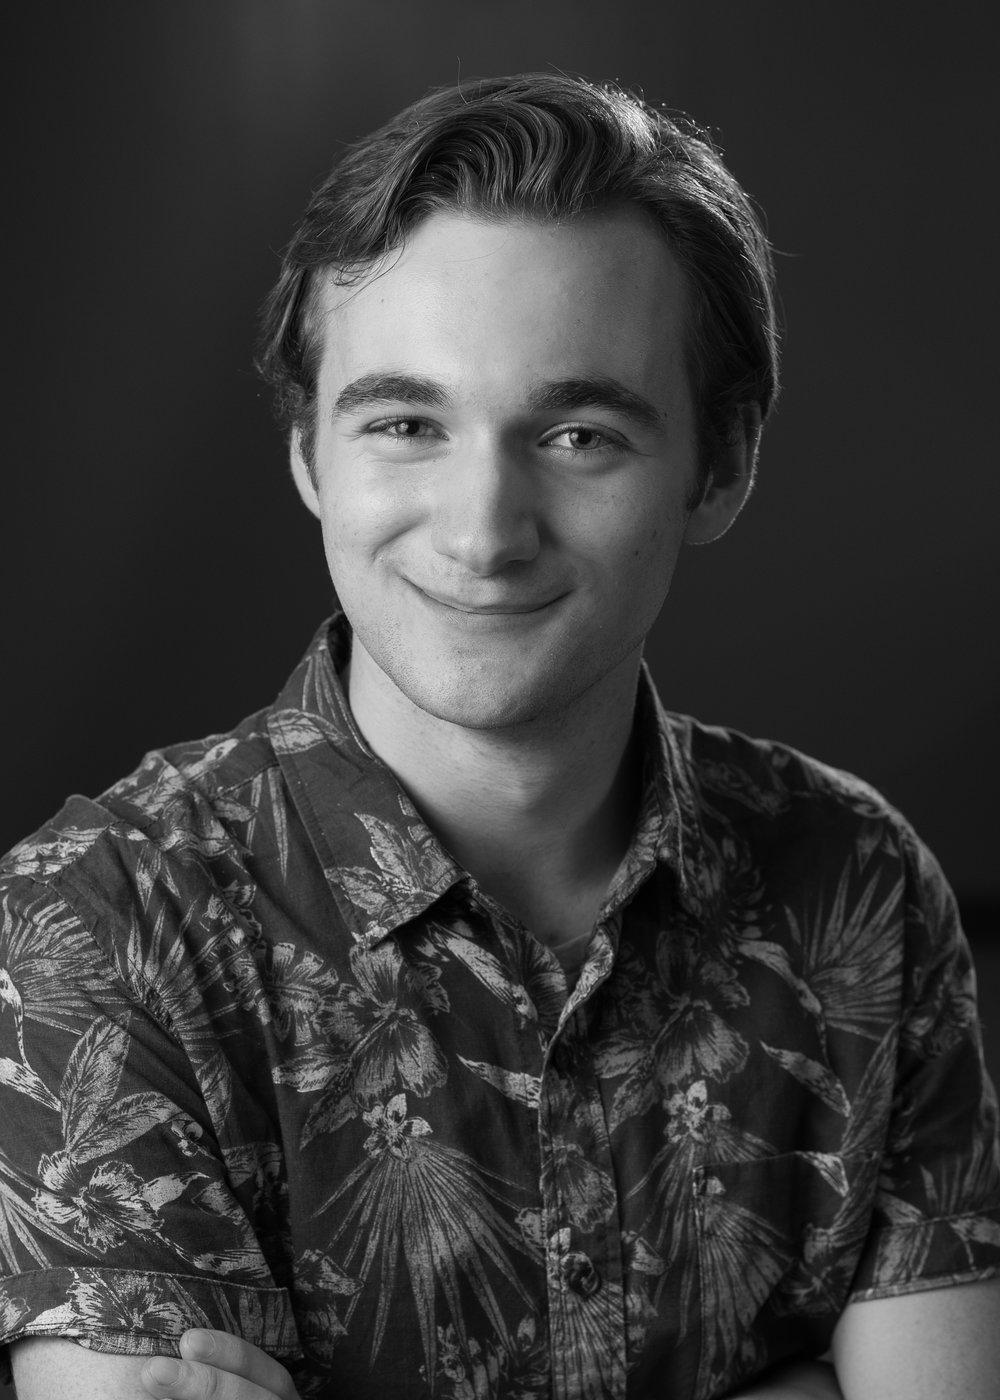 Luke Wisniewski  Wilbur Turnblad